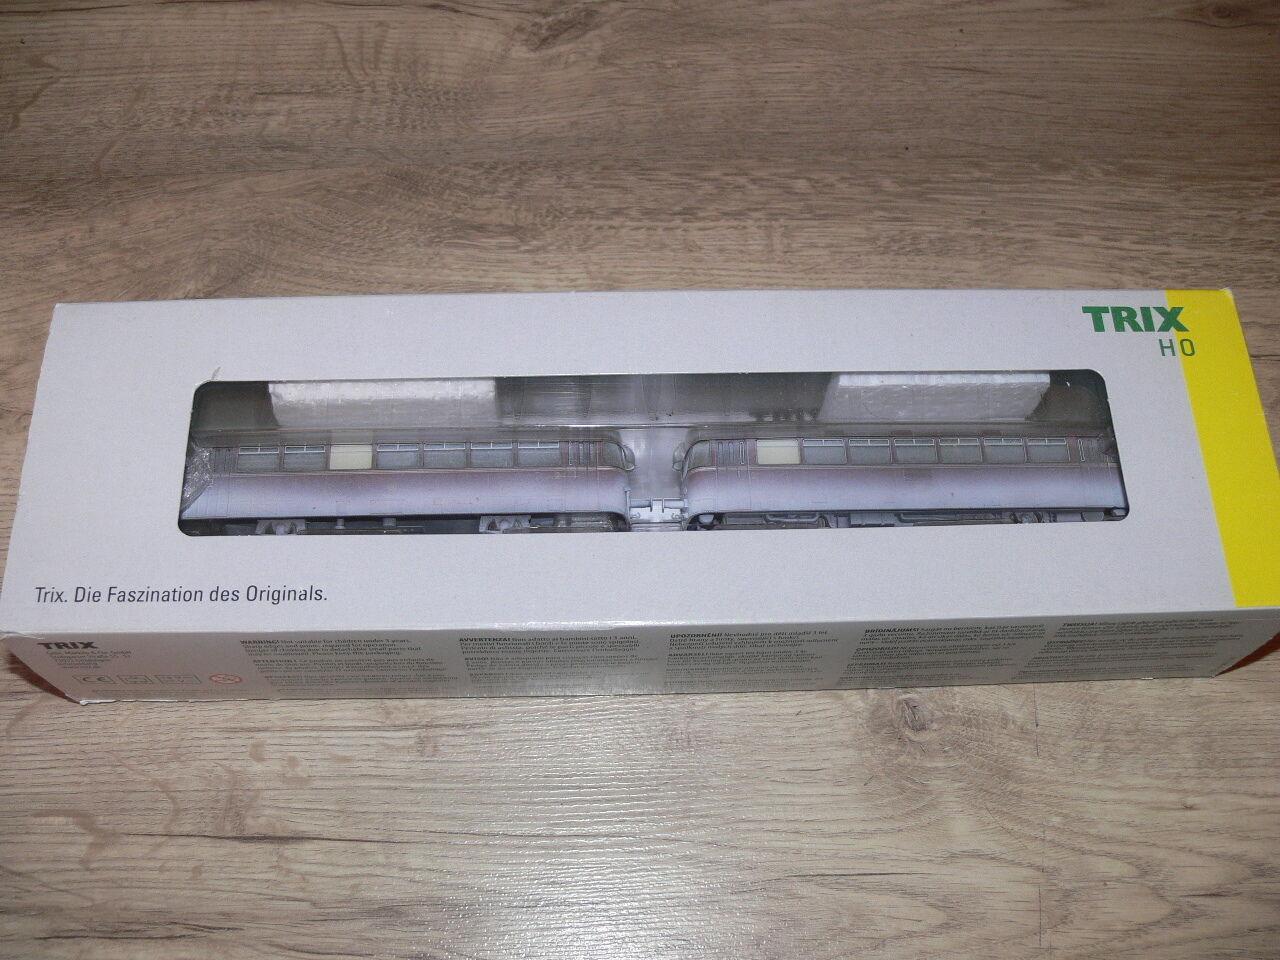 Ho 22796 Trix Trix Trix Rail BUS UNIT VT 798/vs 998 db537d